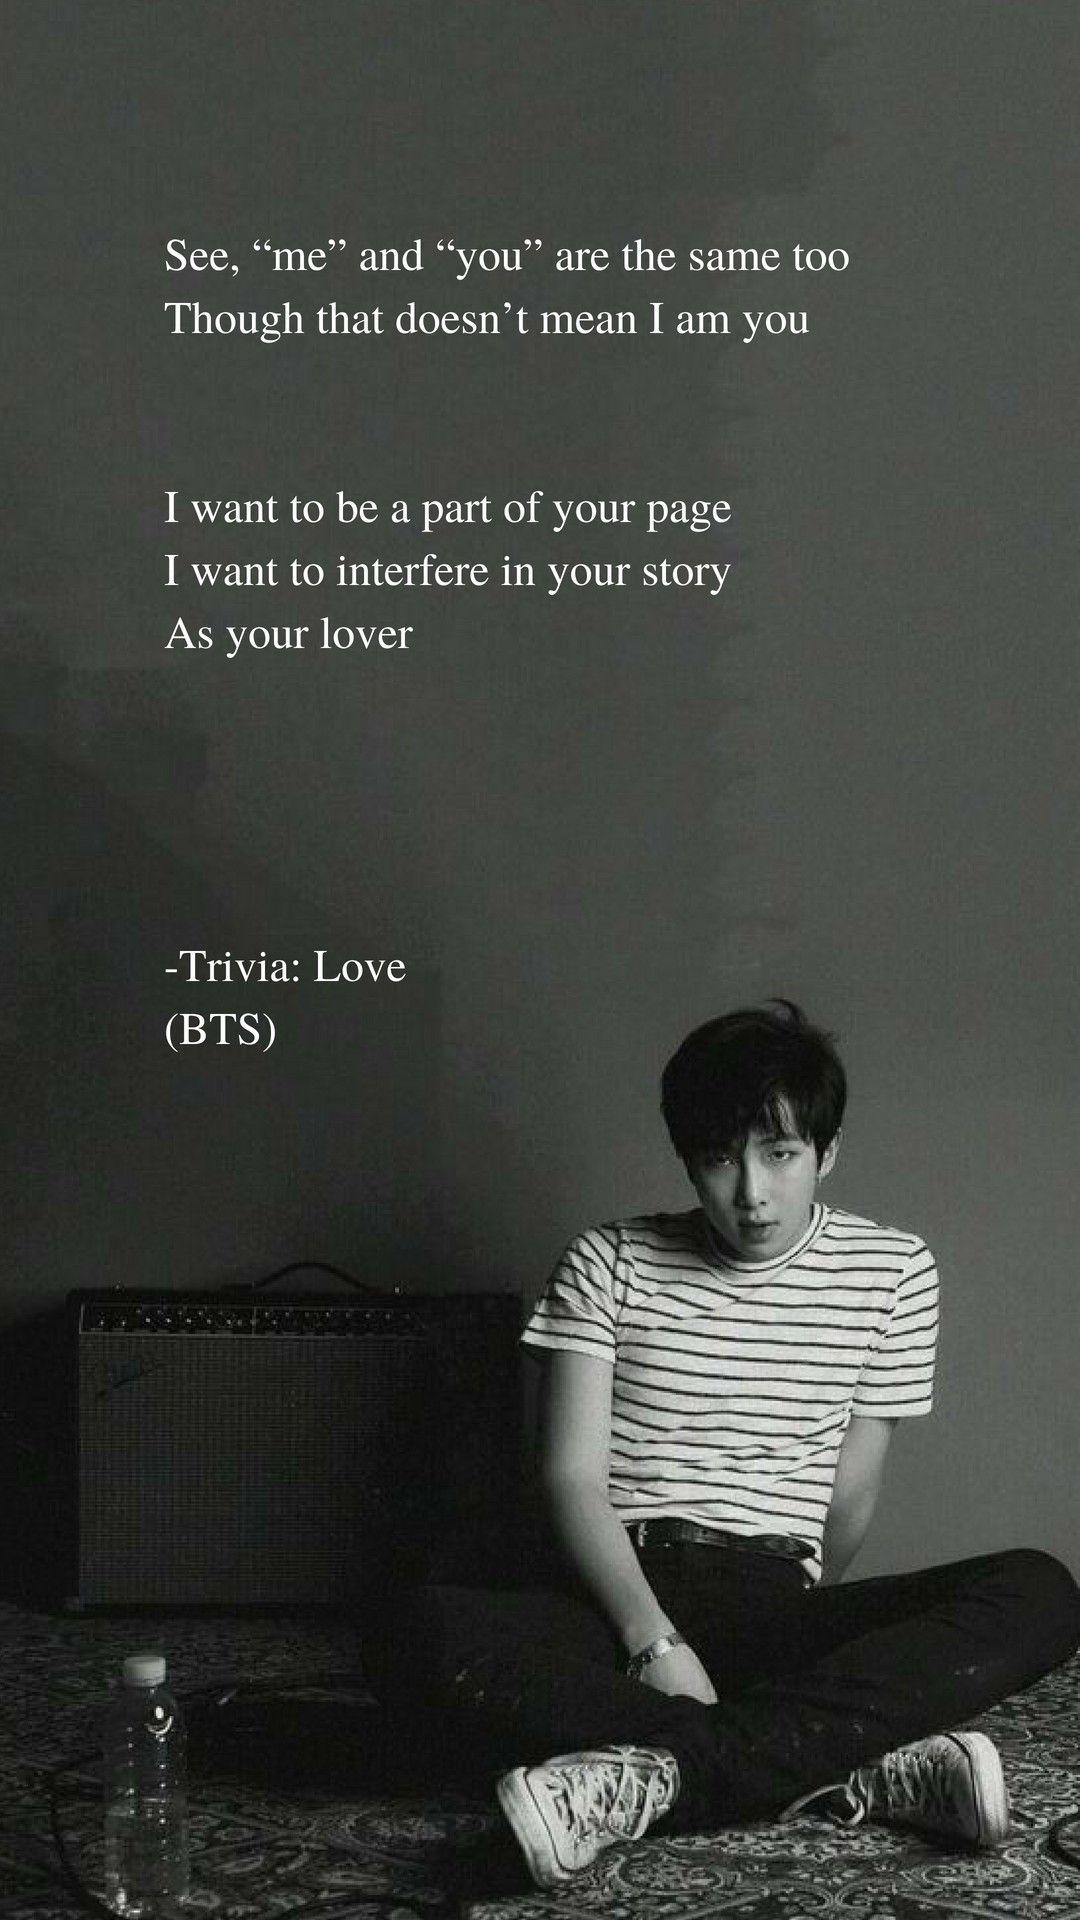 Trivia Love by BTS RM Lyrics wallpaper in 2019 Bts lyric